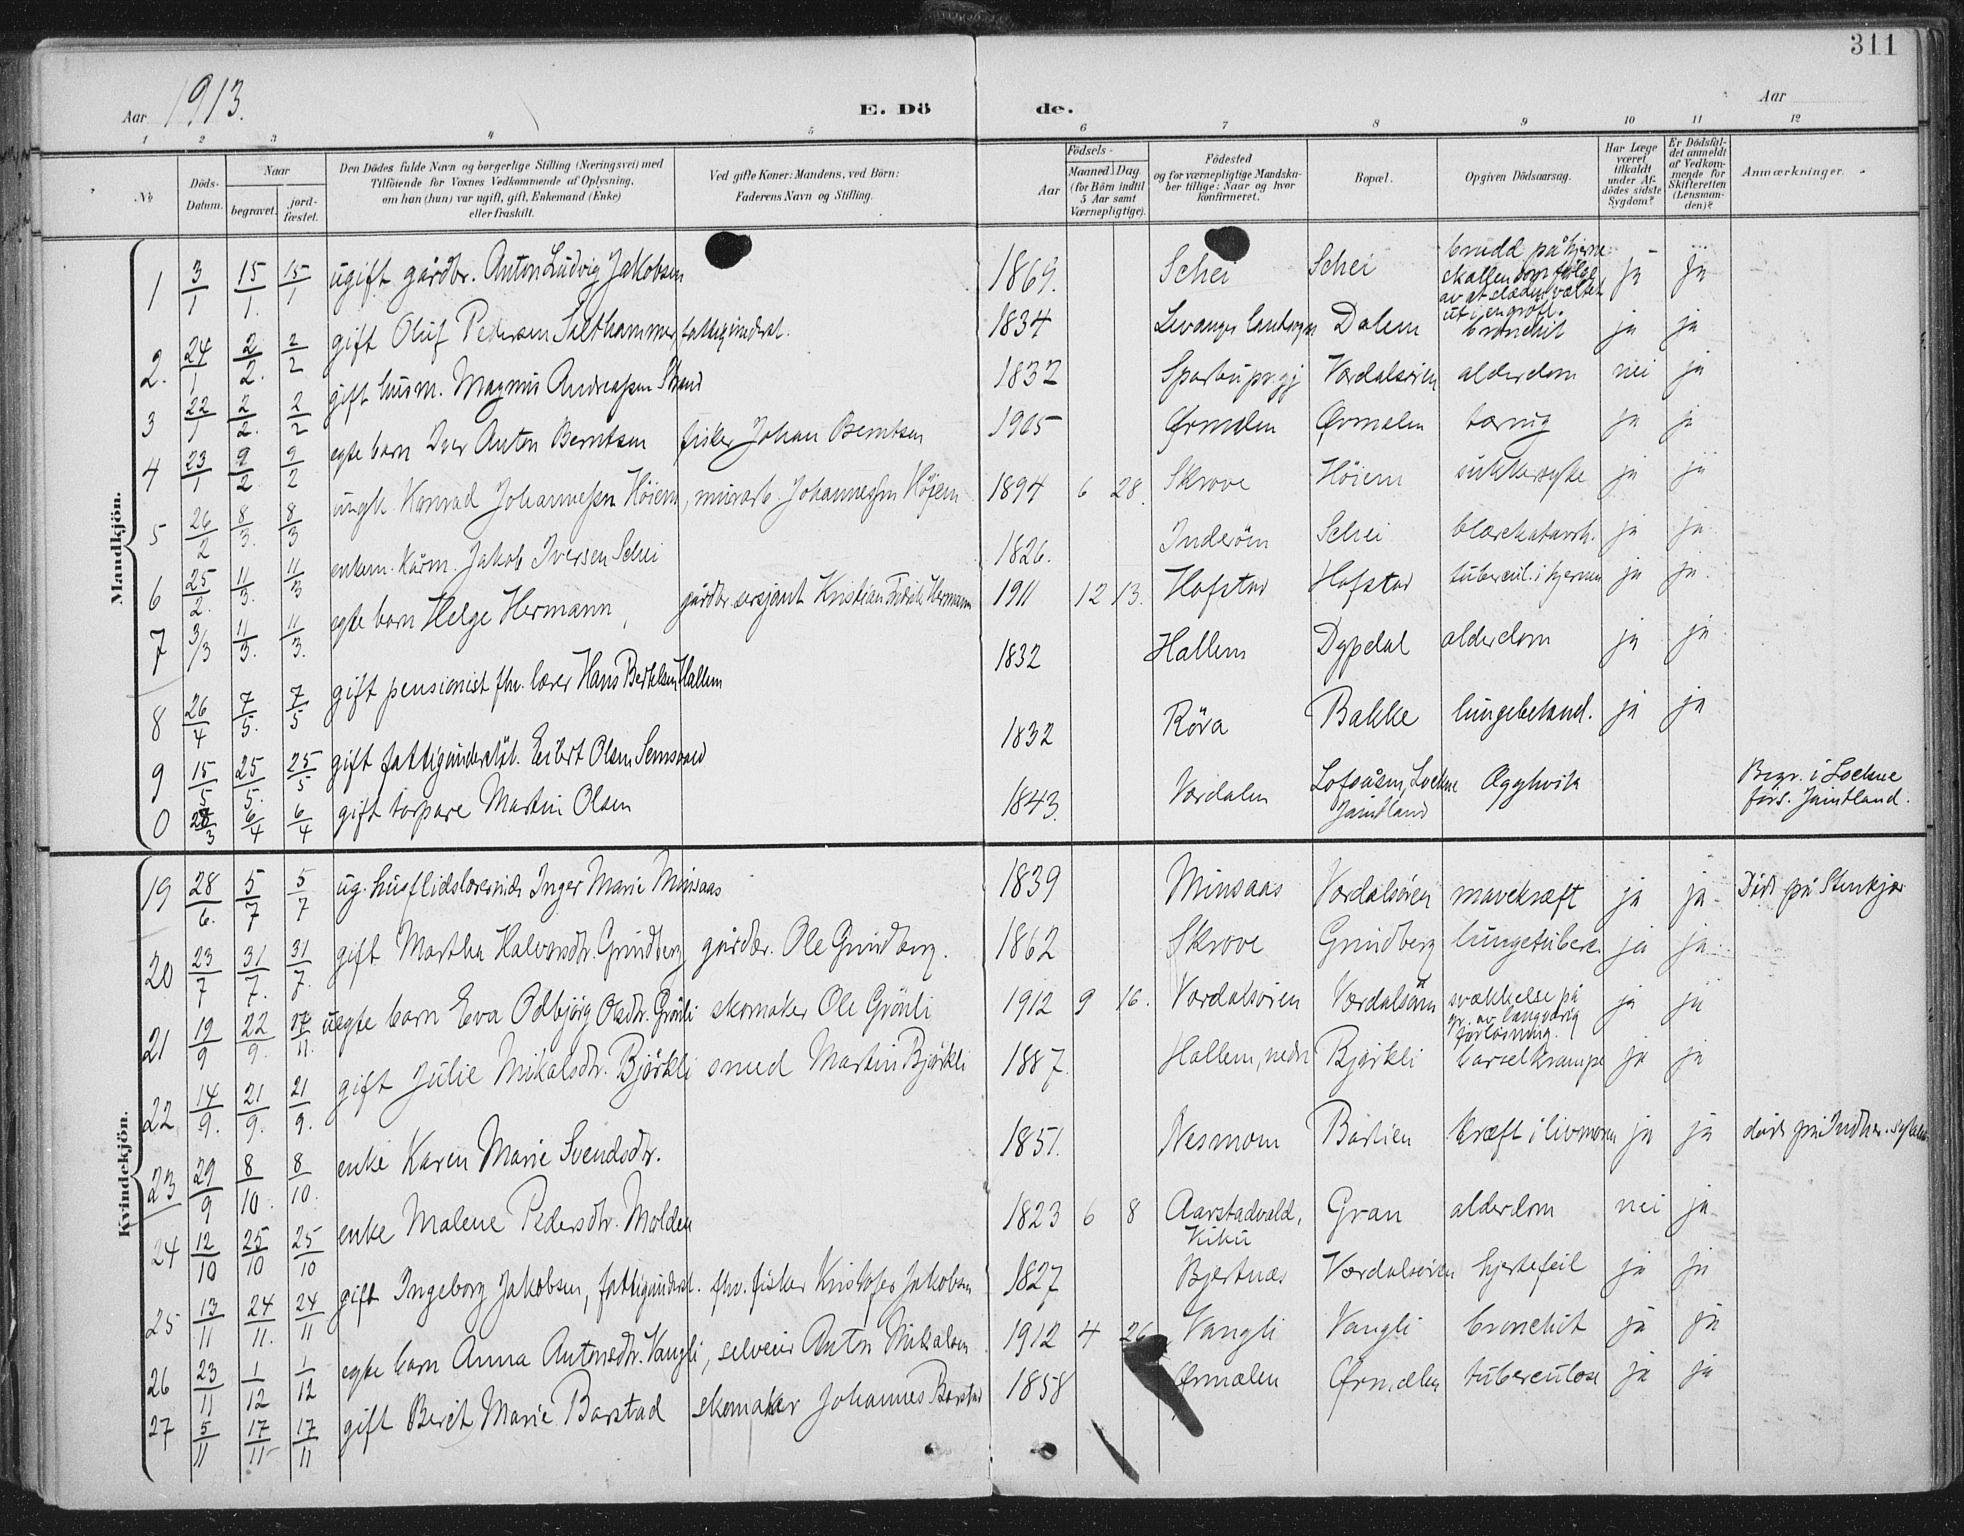 SAT, Ministerialprotokoller, klokkerbøker og fødselsregistre - Nord-Trøndelag, 723/L0246: Ministerialbok nr. 723A15, 1900-1917, s. 311